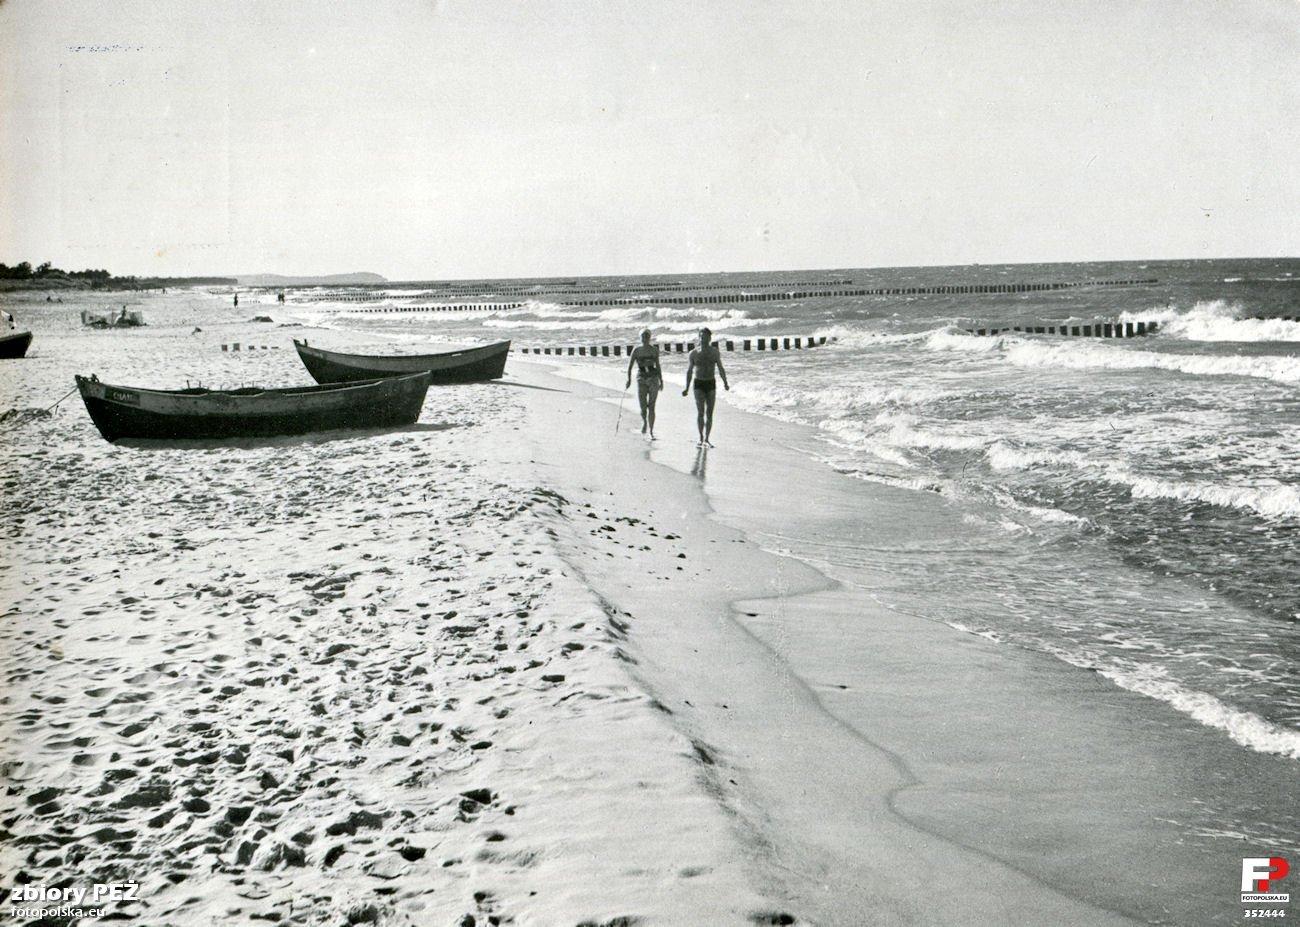 Poziom wody w Bałtyku rośnie. Plaże w Mielnie i Jastarni za 30 lat znajdą się pod wodą